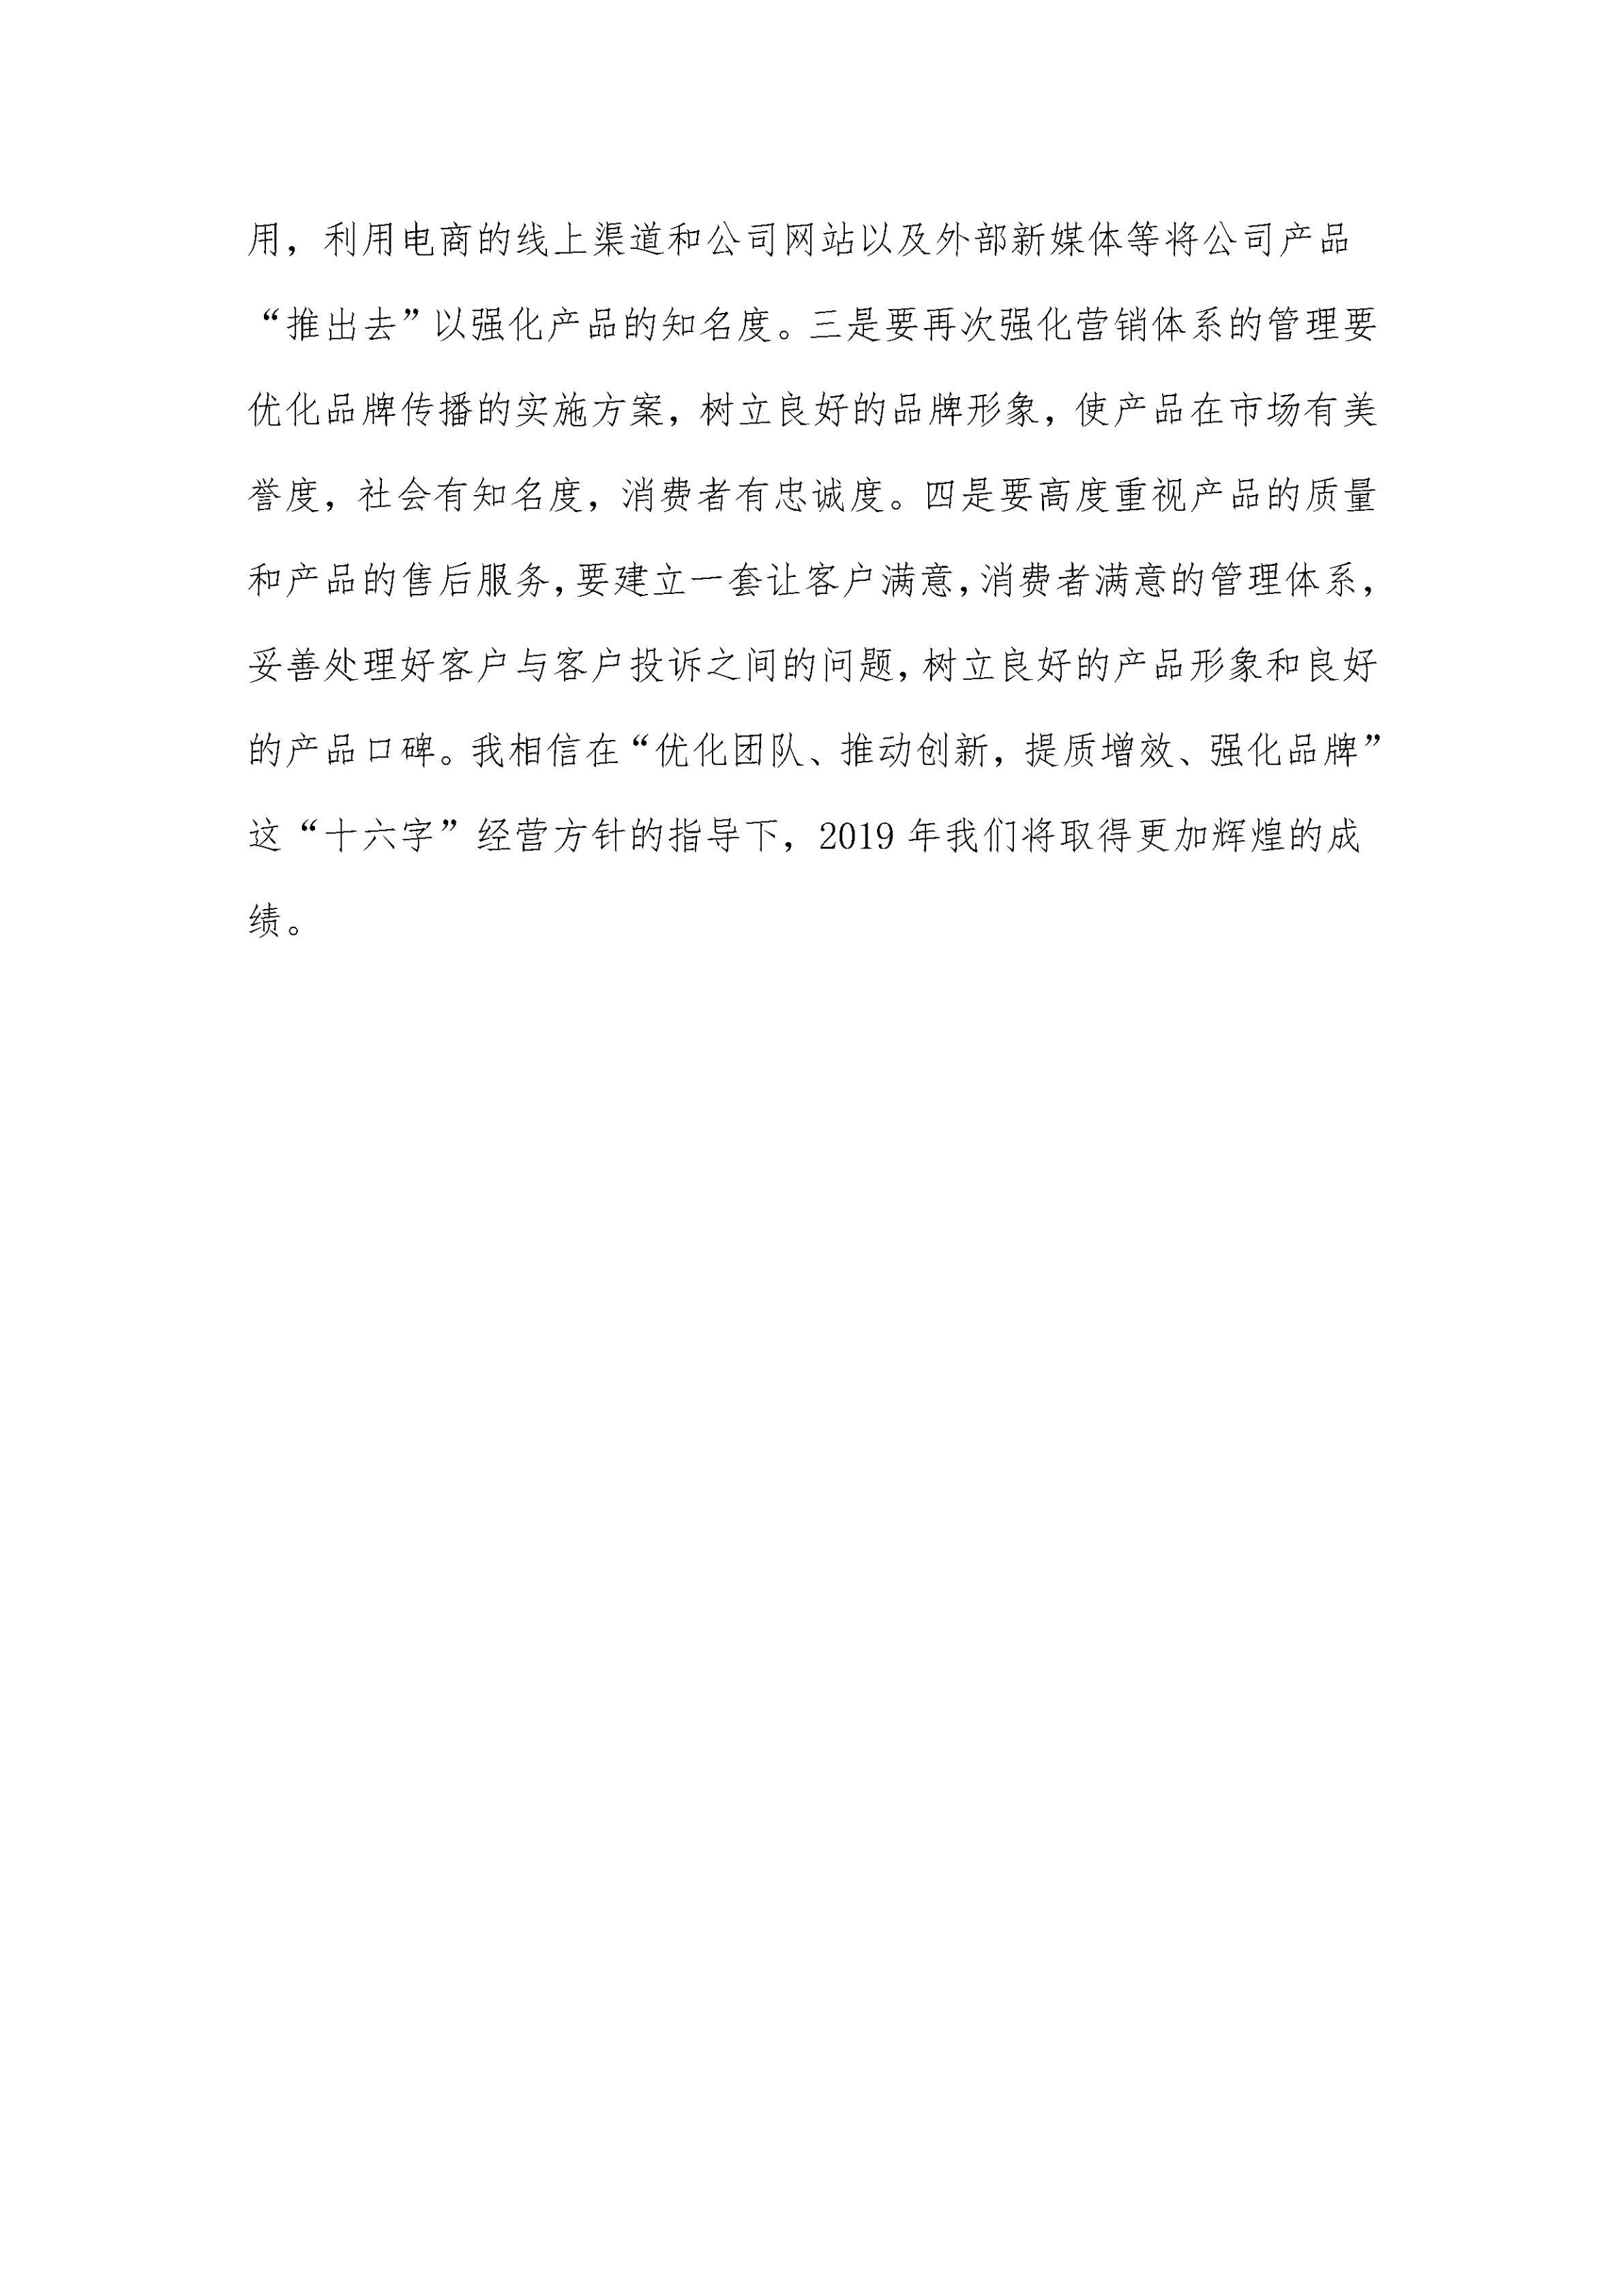 云南理世實業(集團)有限責任公司2018年社會責任報告.FR11_15.jpg